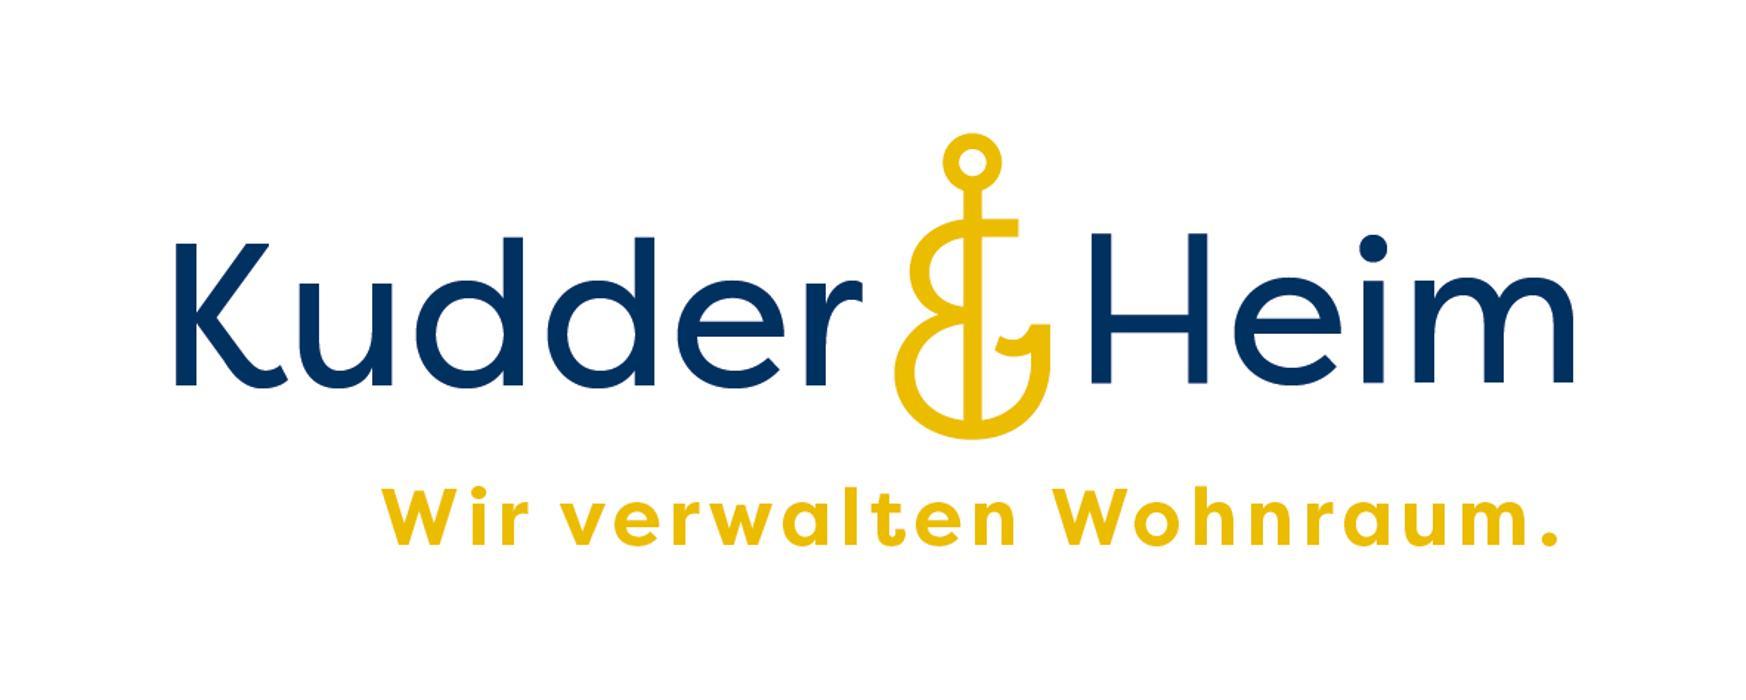 Bild zu Kudder & Heim GmbH in Kühlungsborn Ostseebad